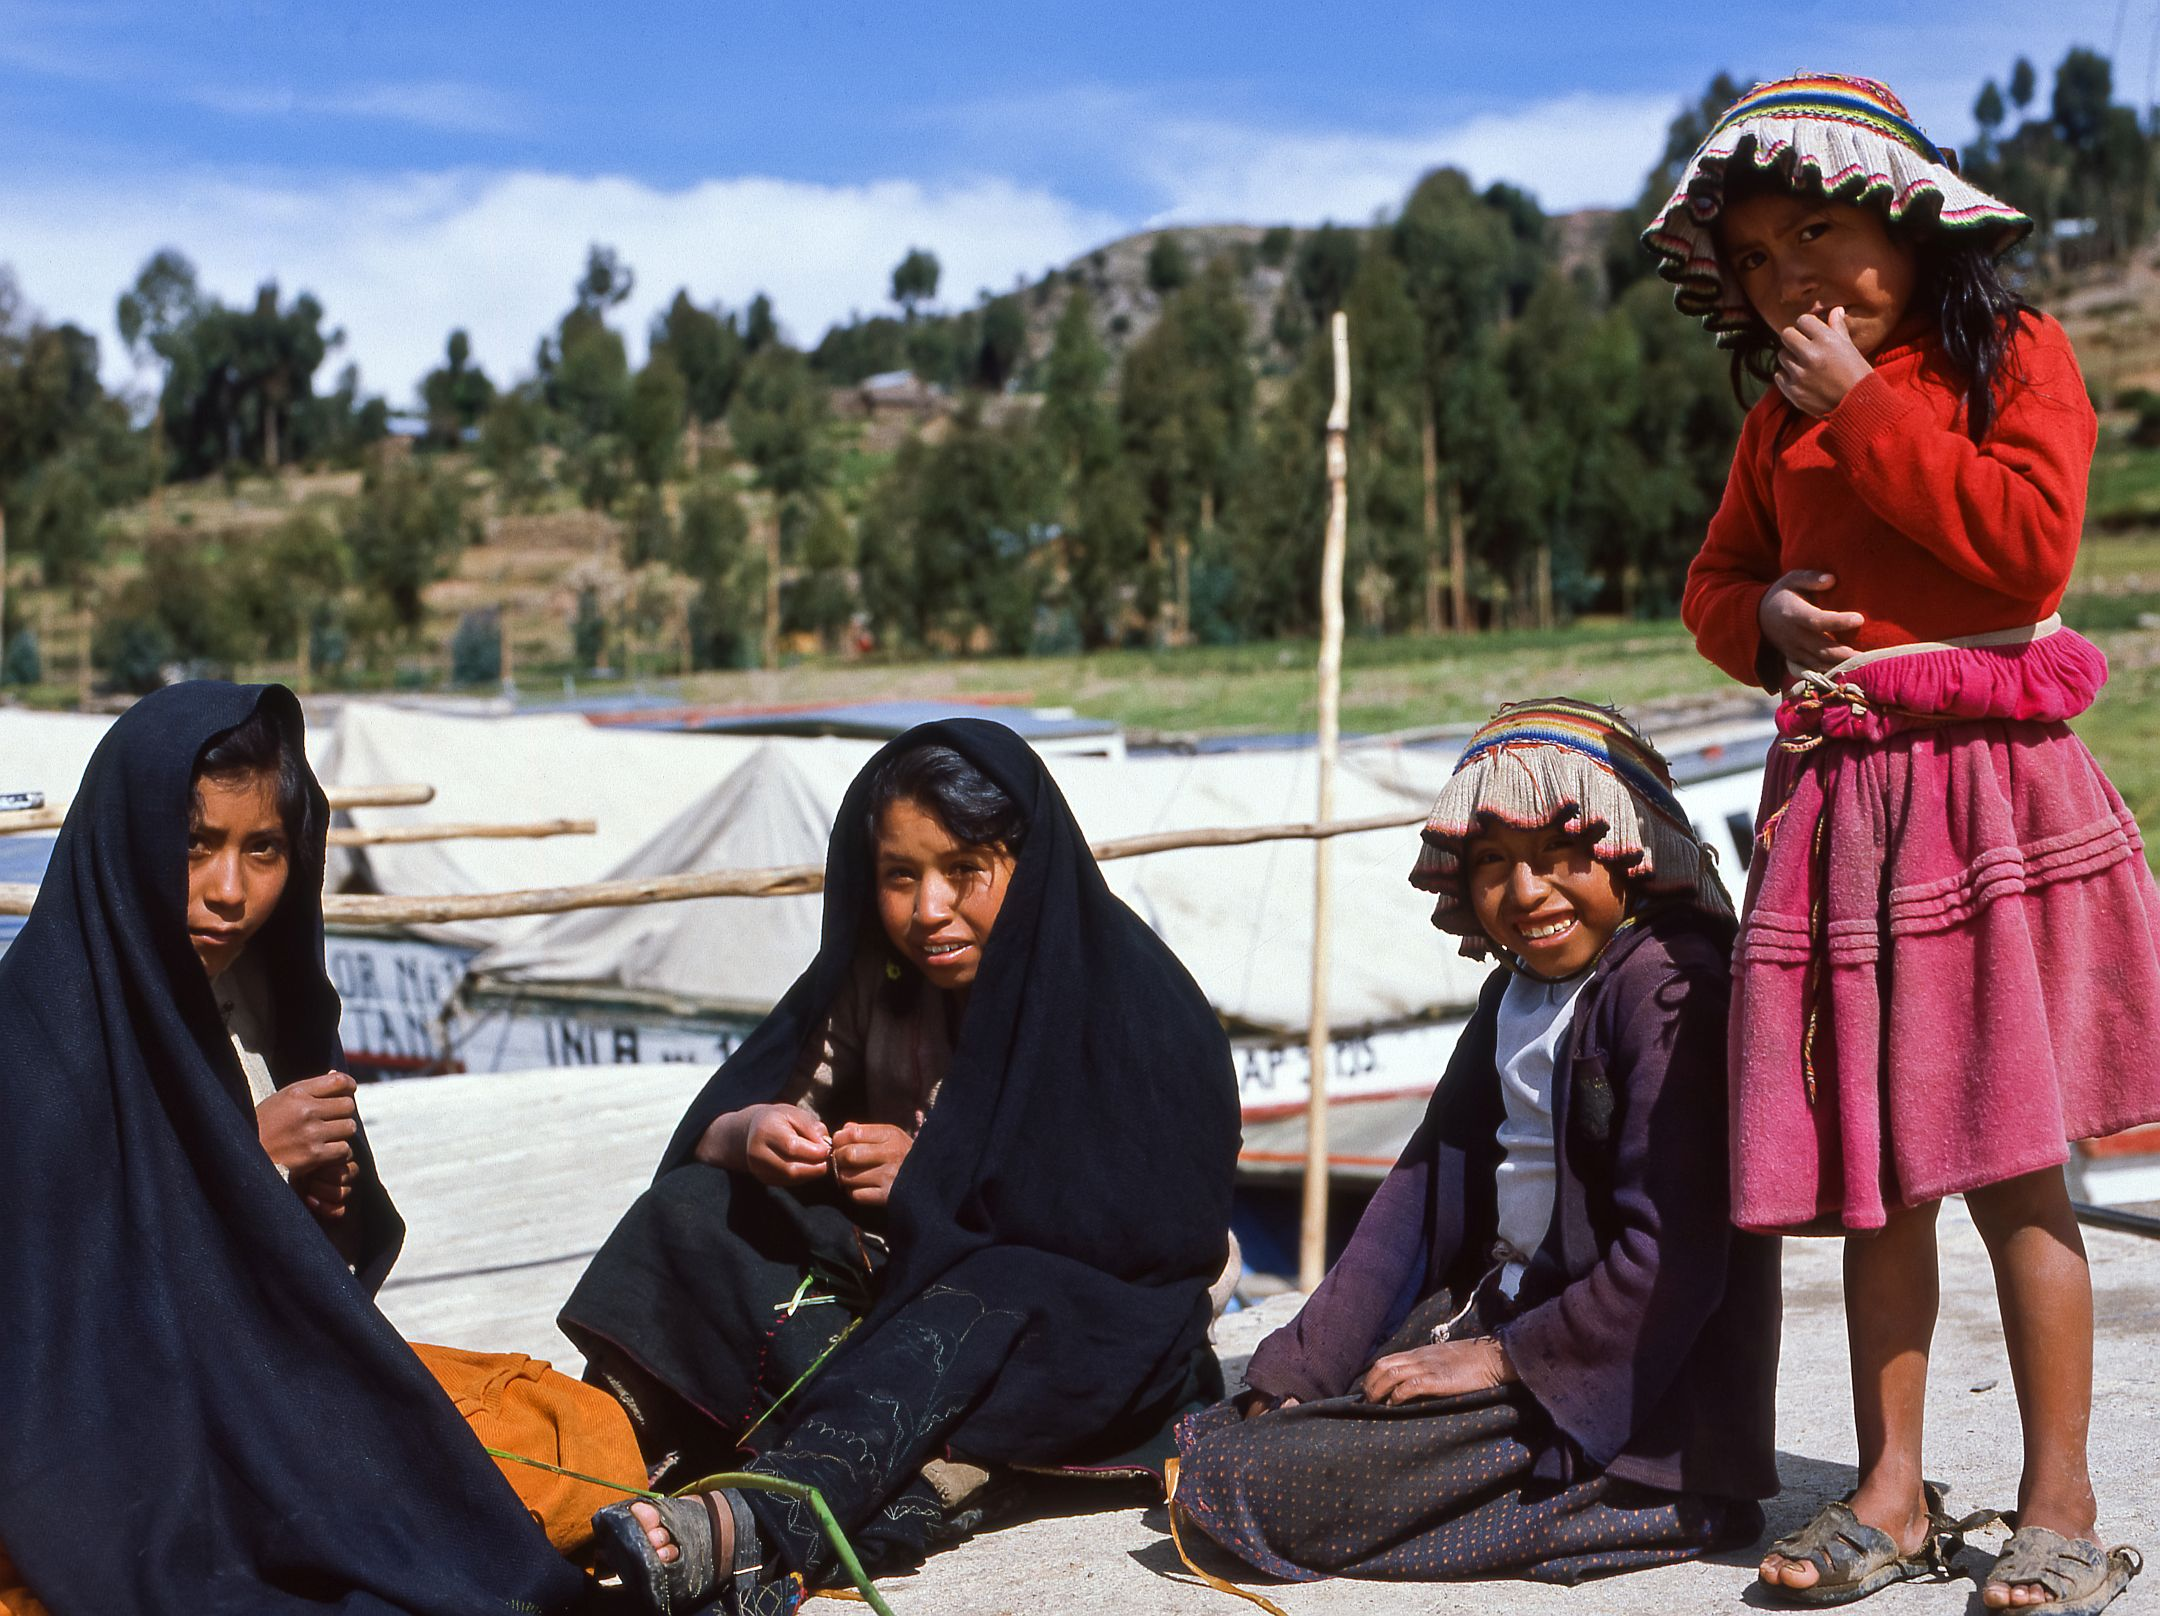 Titicacasee in Peru. Auf der Insel Amantani sind wir Gäste bei einer Indiofamilie. Bei einem Rundgang treffen wir an der Schiffsanlegestelle auf diese vier Mädchen. Zwei tragen die hier typische Form von Hut. Der flache Oberteil ist Zentrum eines reihum gewellten Stoff-Vorhangs.